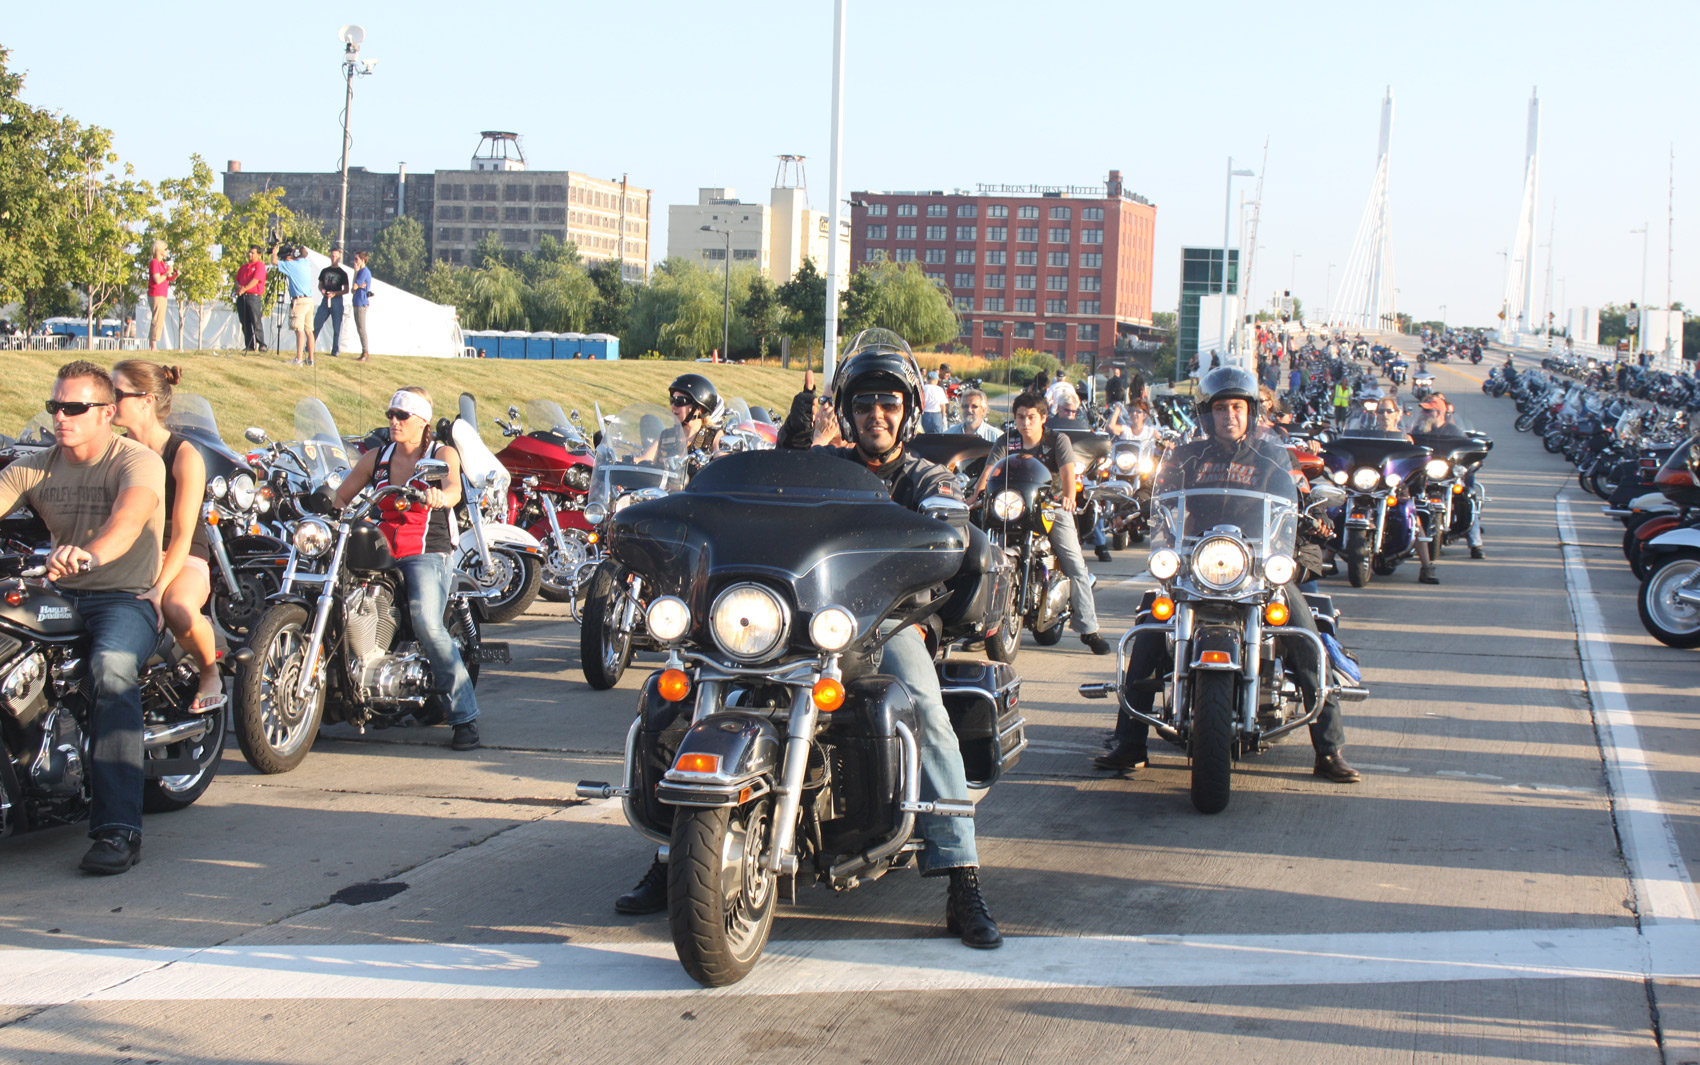 Motos tomam as ruas de Milwaukee para a celebração de 110 anos da Harley-Davidson